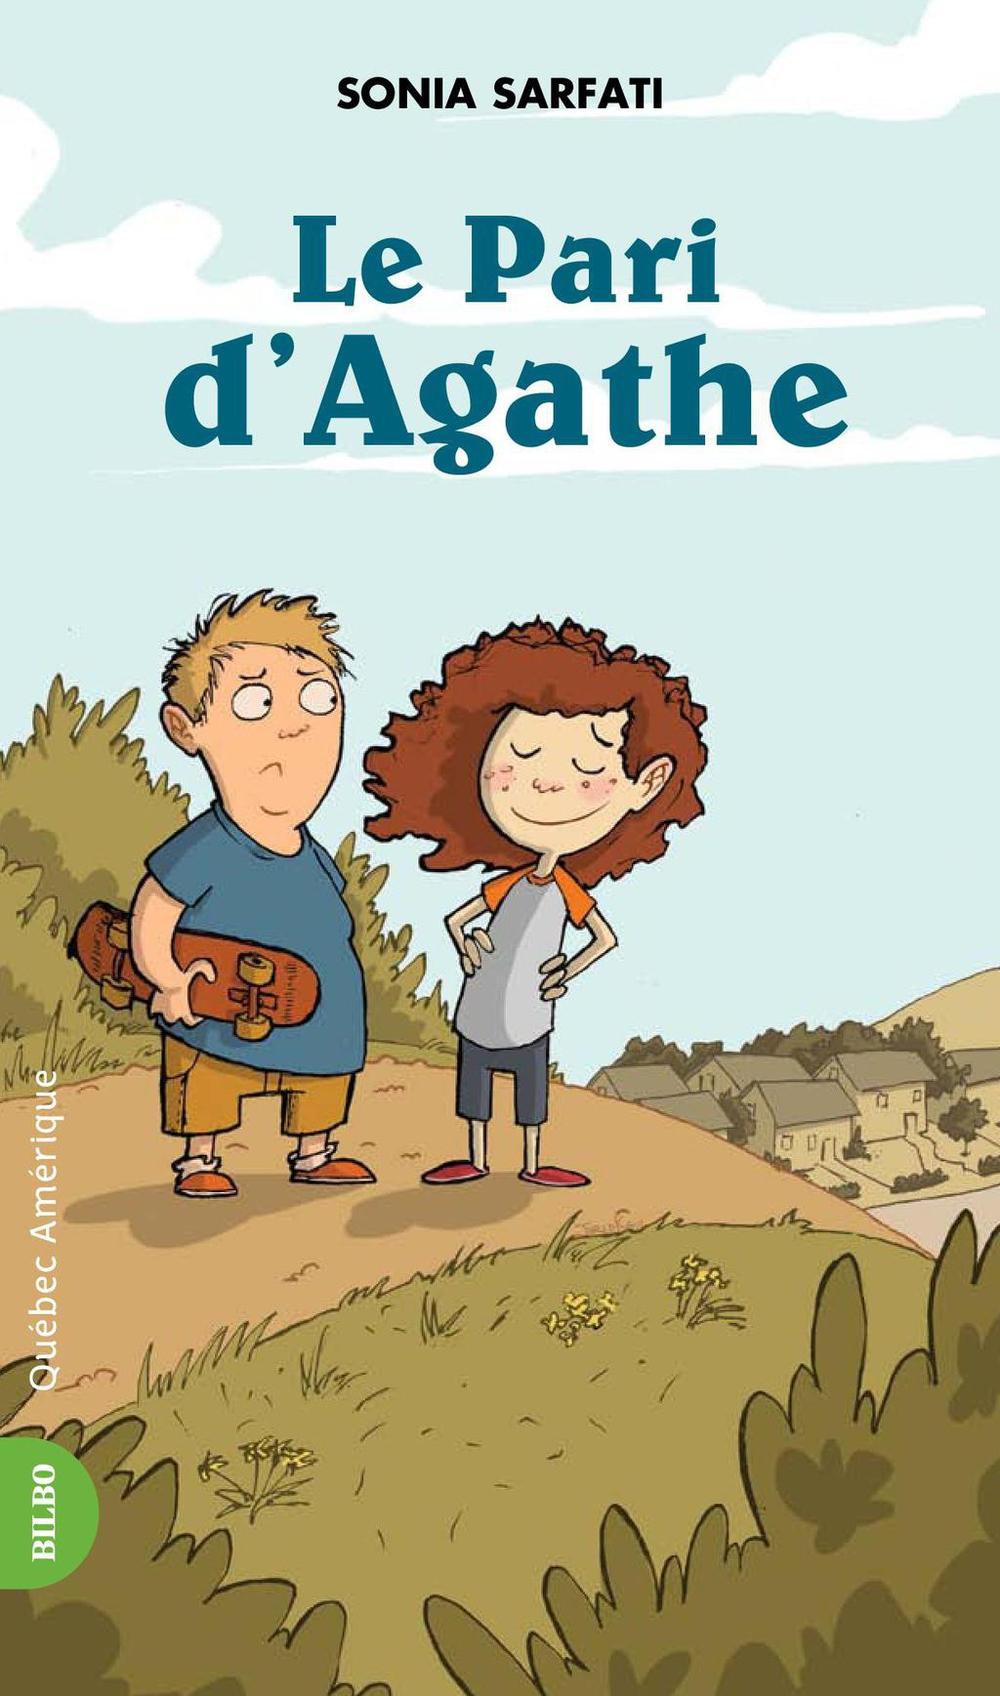 Le Pari d'Agathe